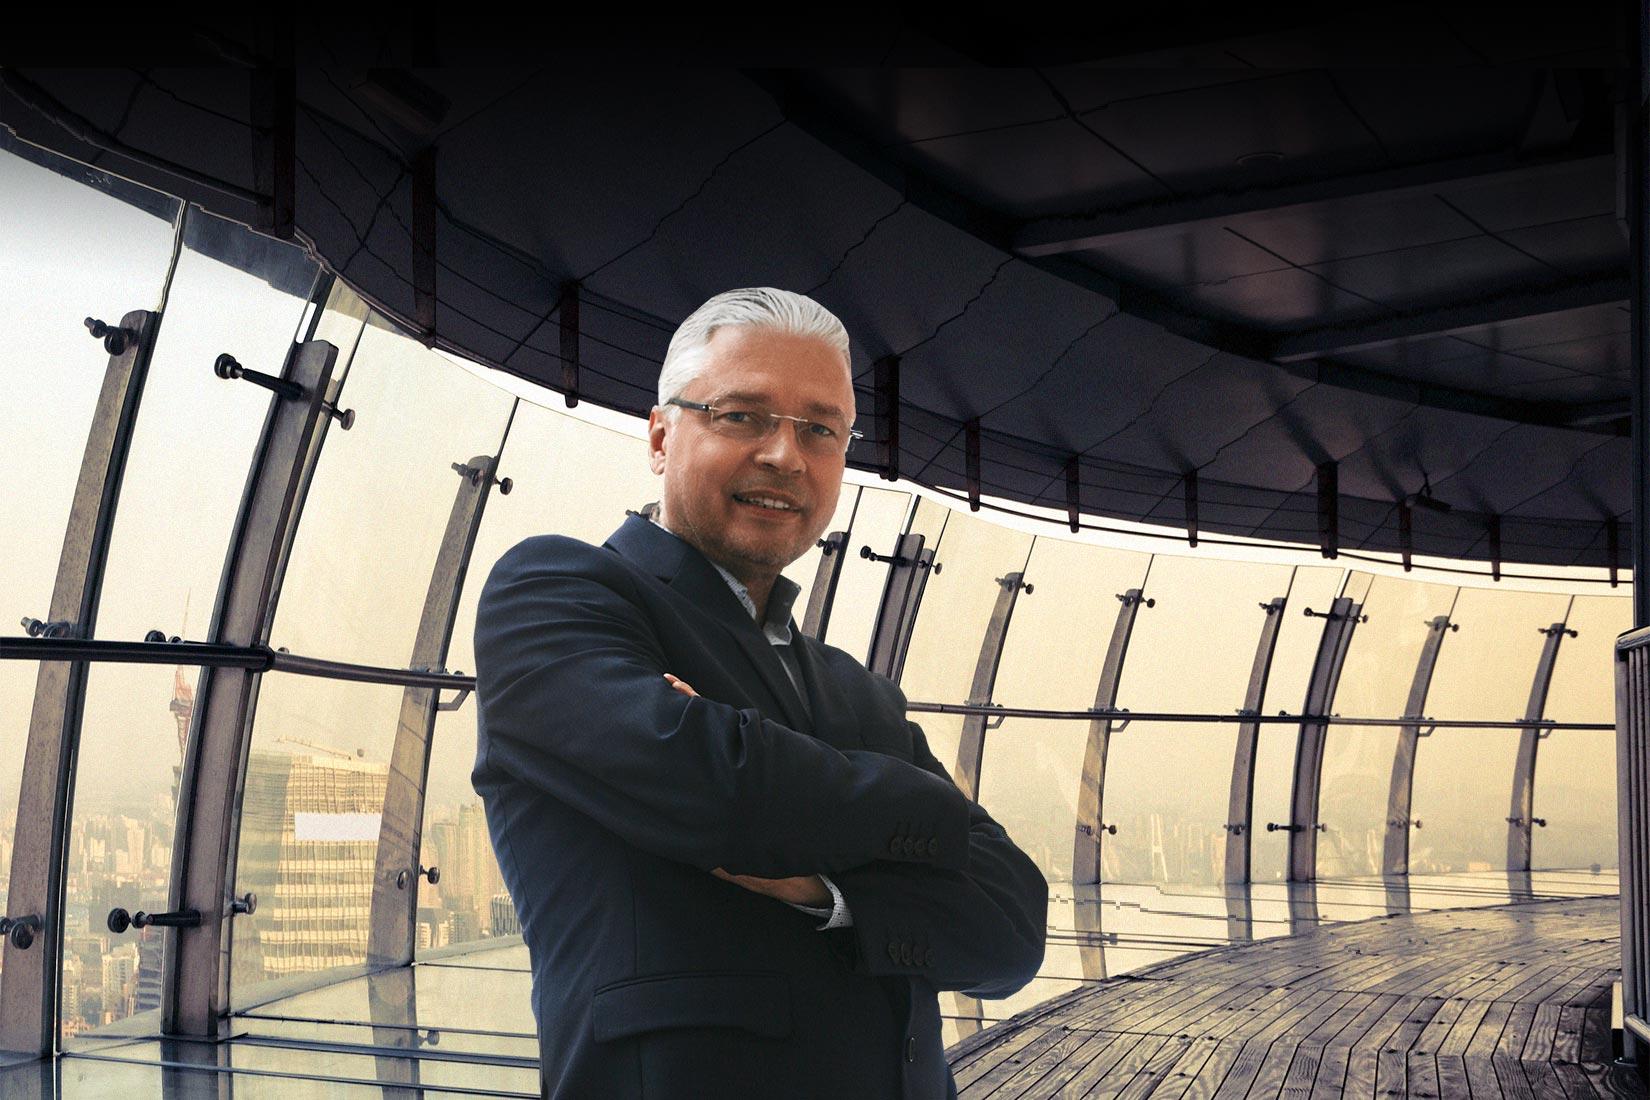 Das Foto zeigt Dr. Heinz Peter Wallner stehend in einem blauen Anzug mit verschränkten Händen. Er lehnt an einem Geländer auf dem Dach eines Wolkenkratzers in einer Stadt in China. Im Hintergrund sieht man durch die Glasflächen die Skyline der Stadt.